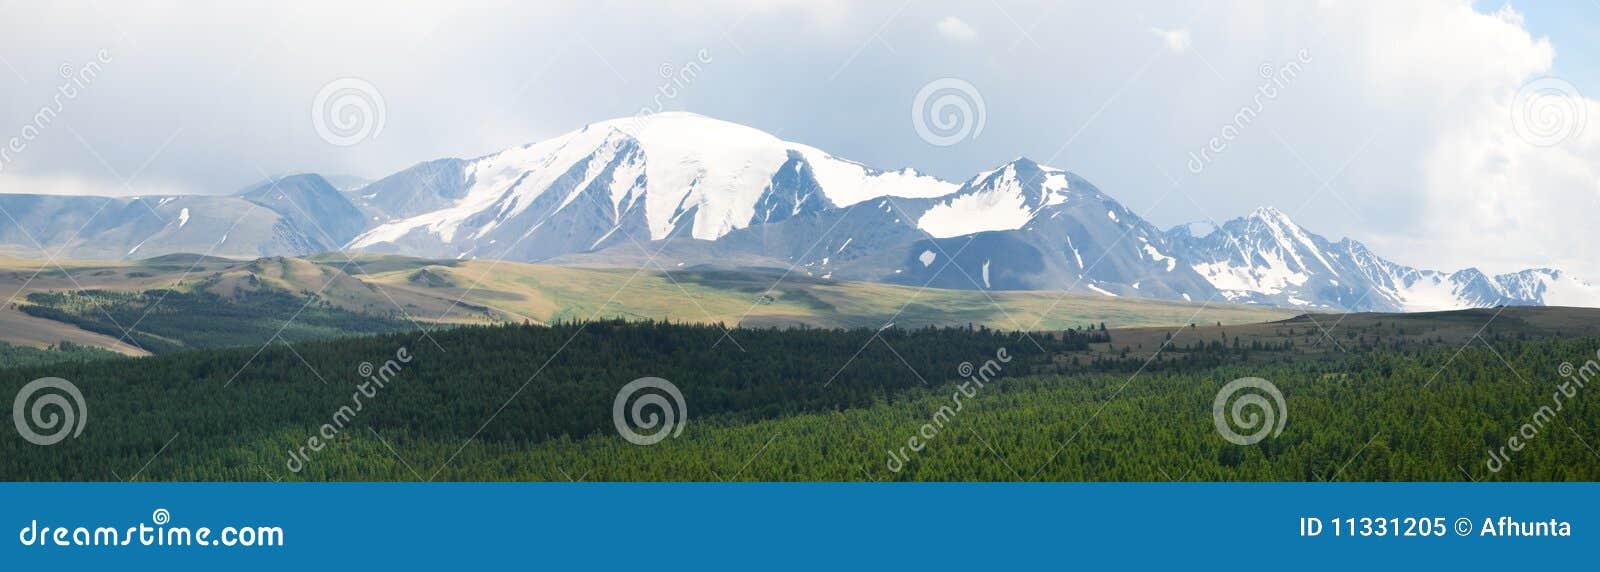 Sneeuw bergpiek